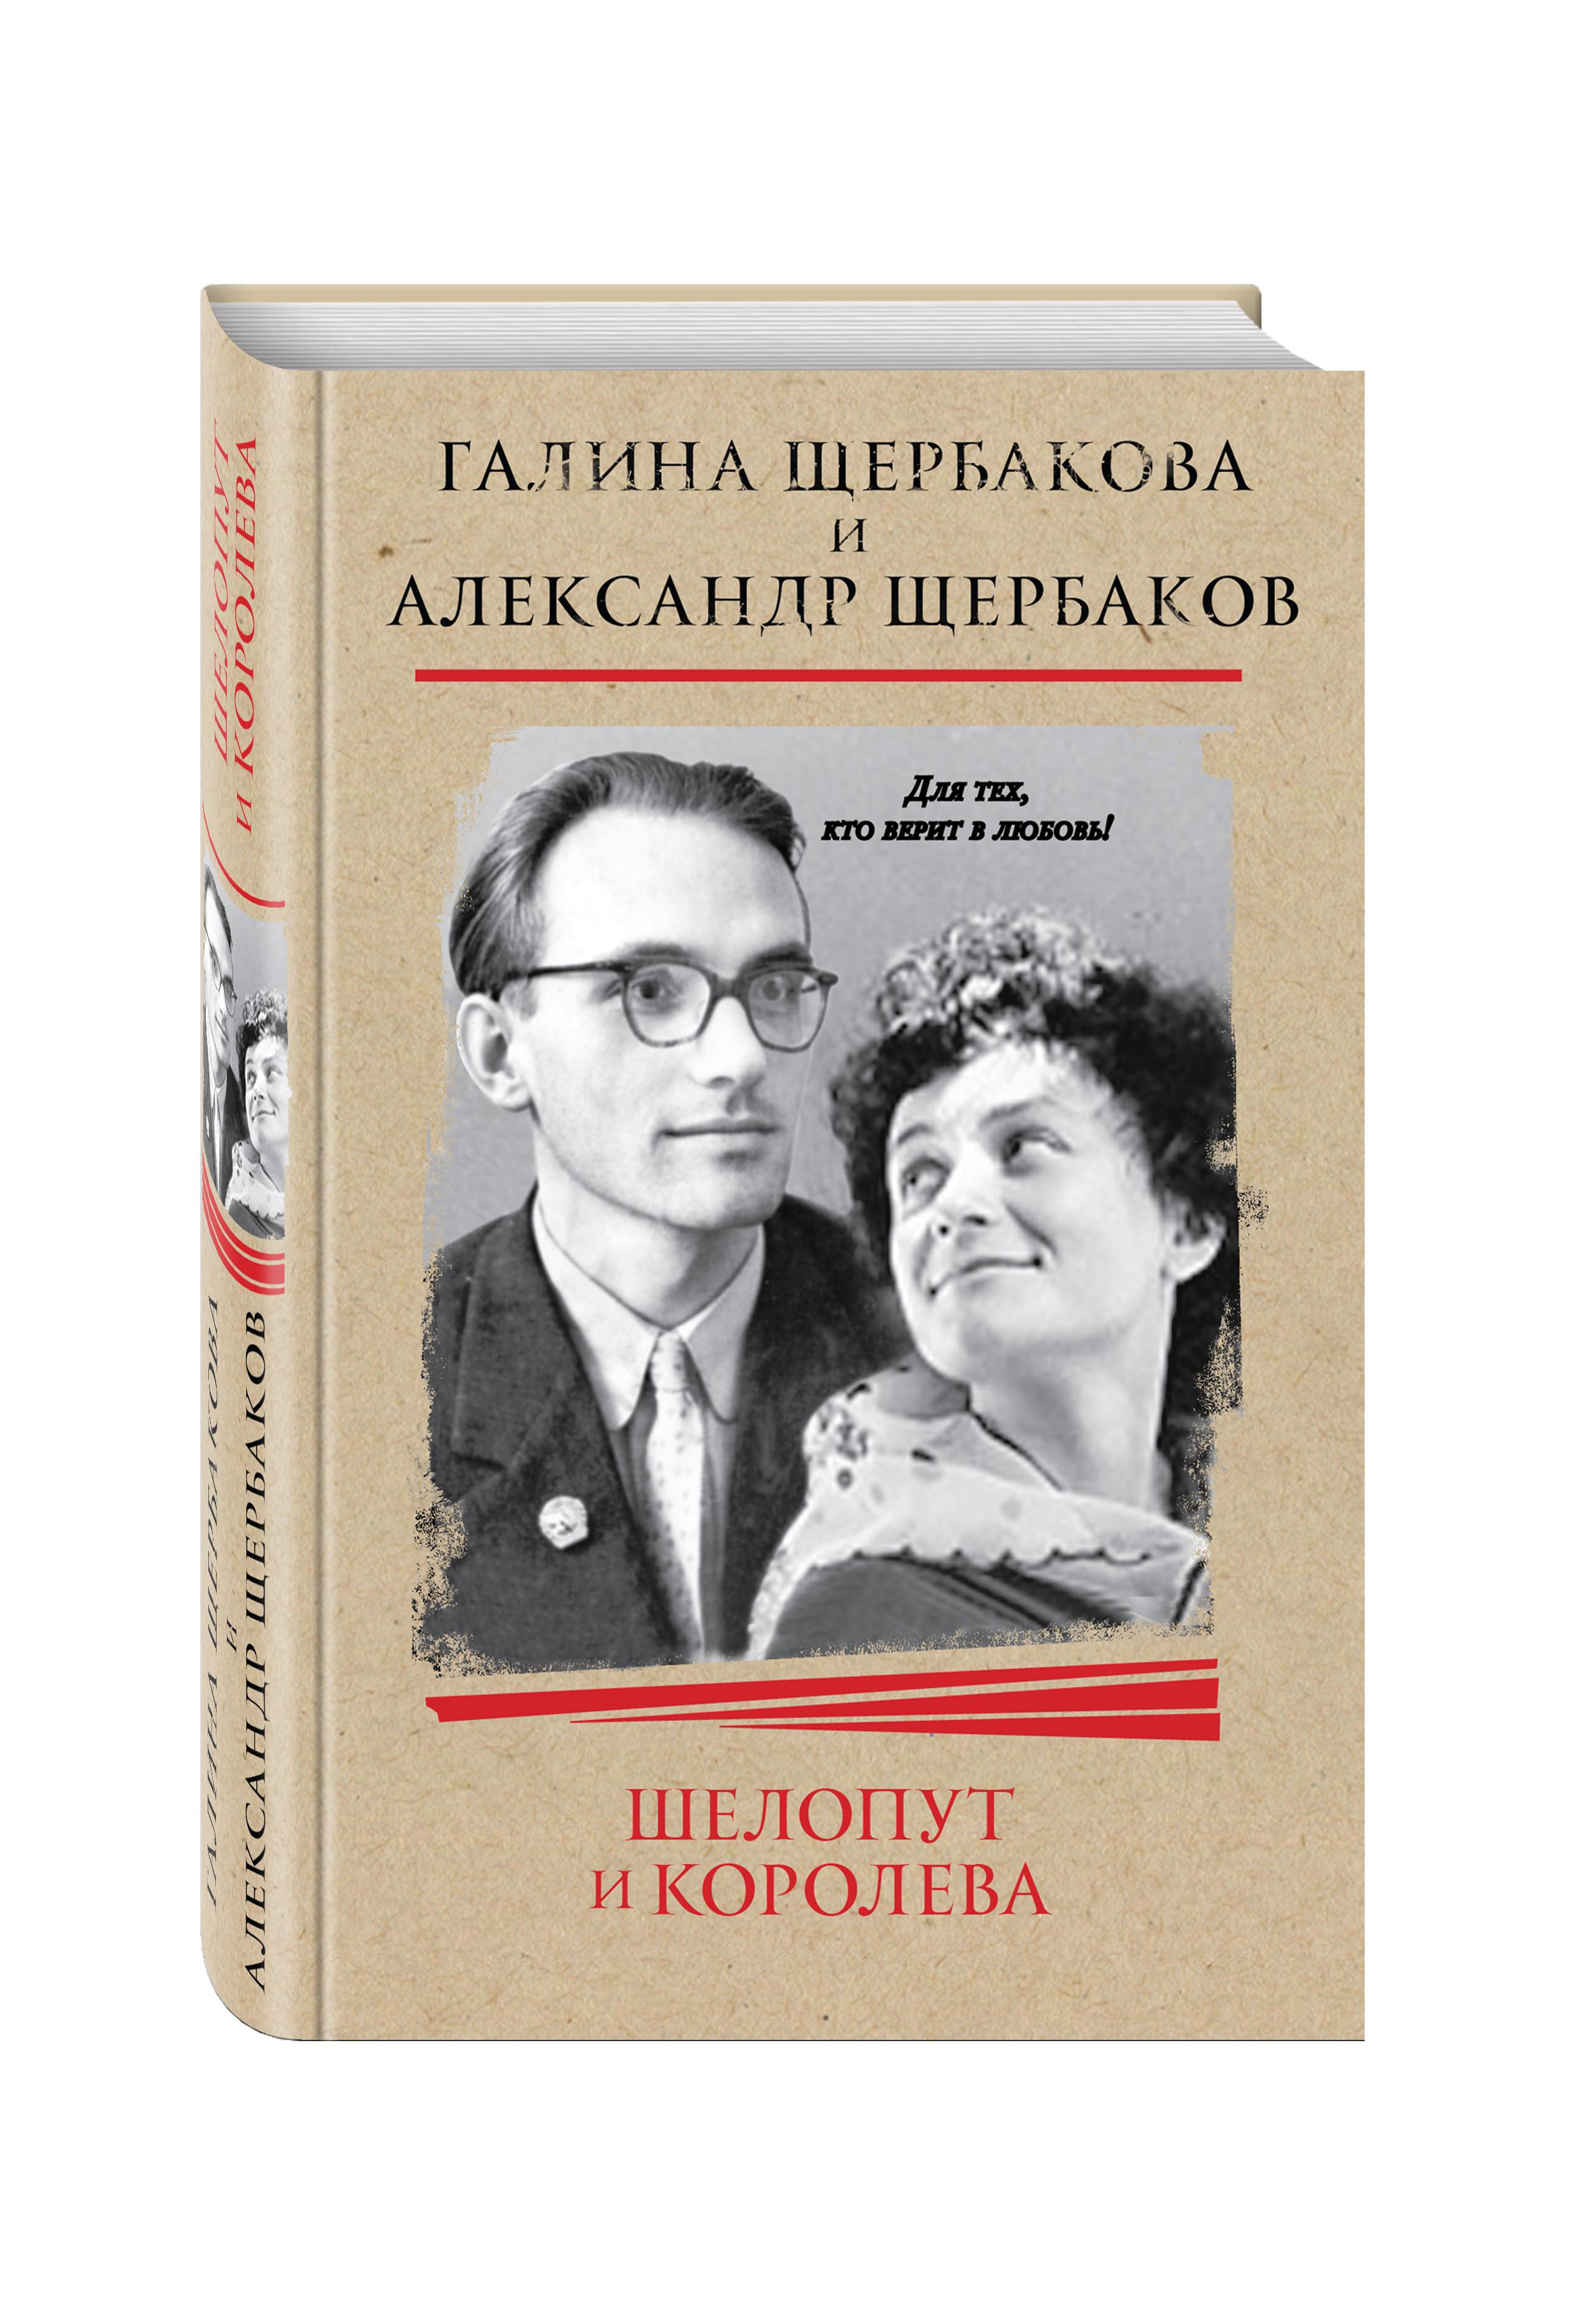 Щербаков А.С. Шелопут и Королева. Моя жизнь с Галиной Щербаковой книги эксмо шелопут и королева моя жизнь с галиной щербаковой